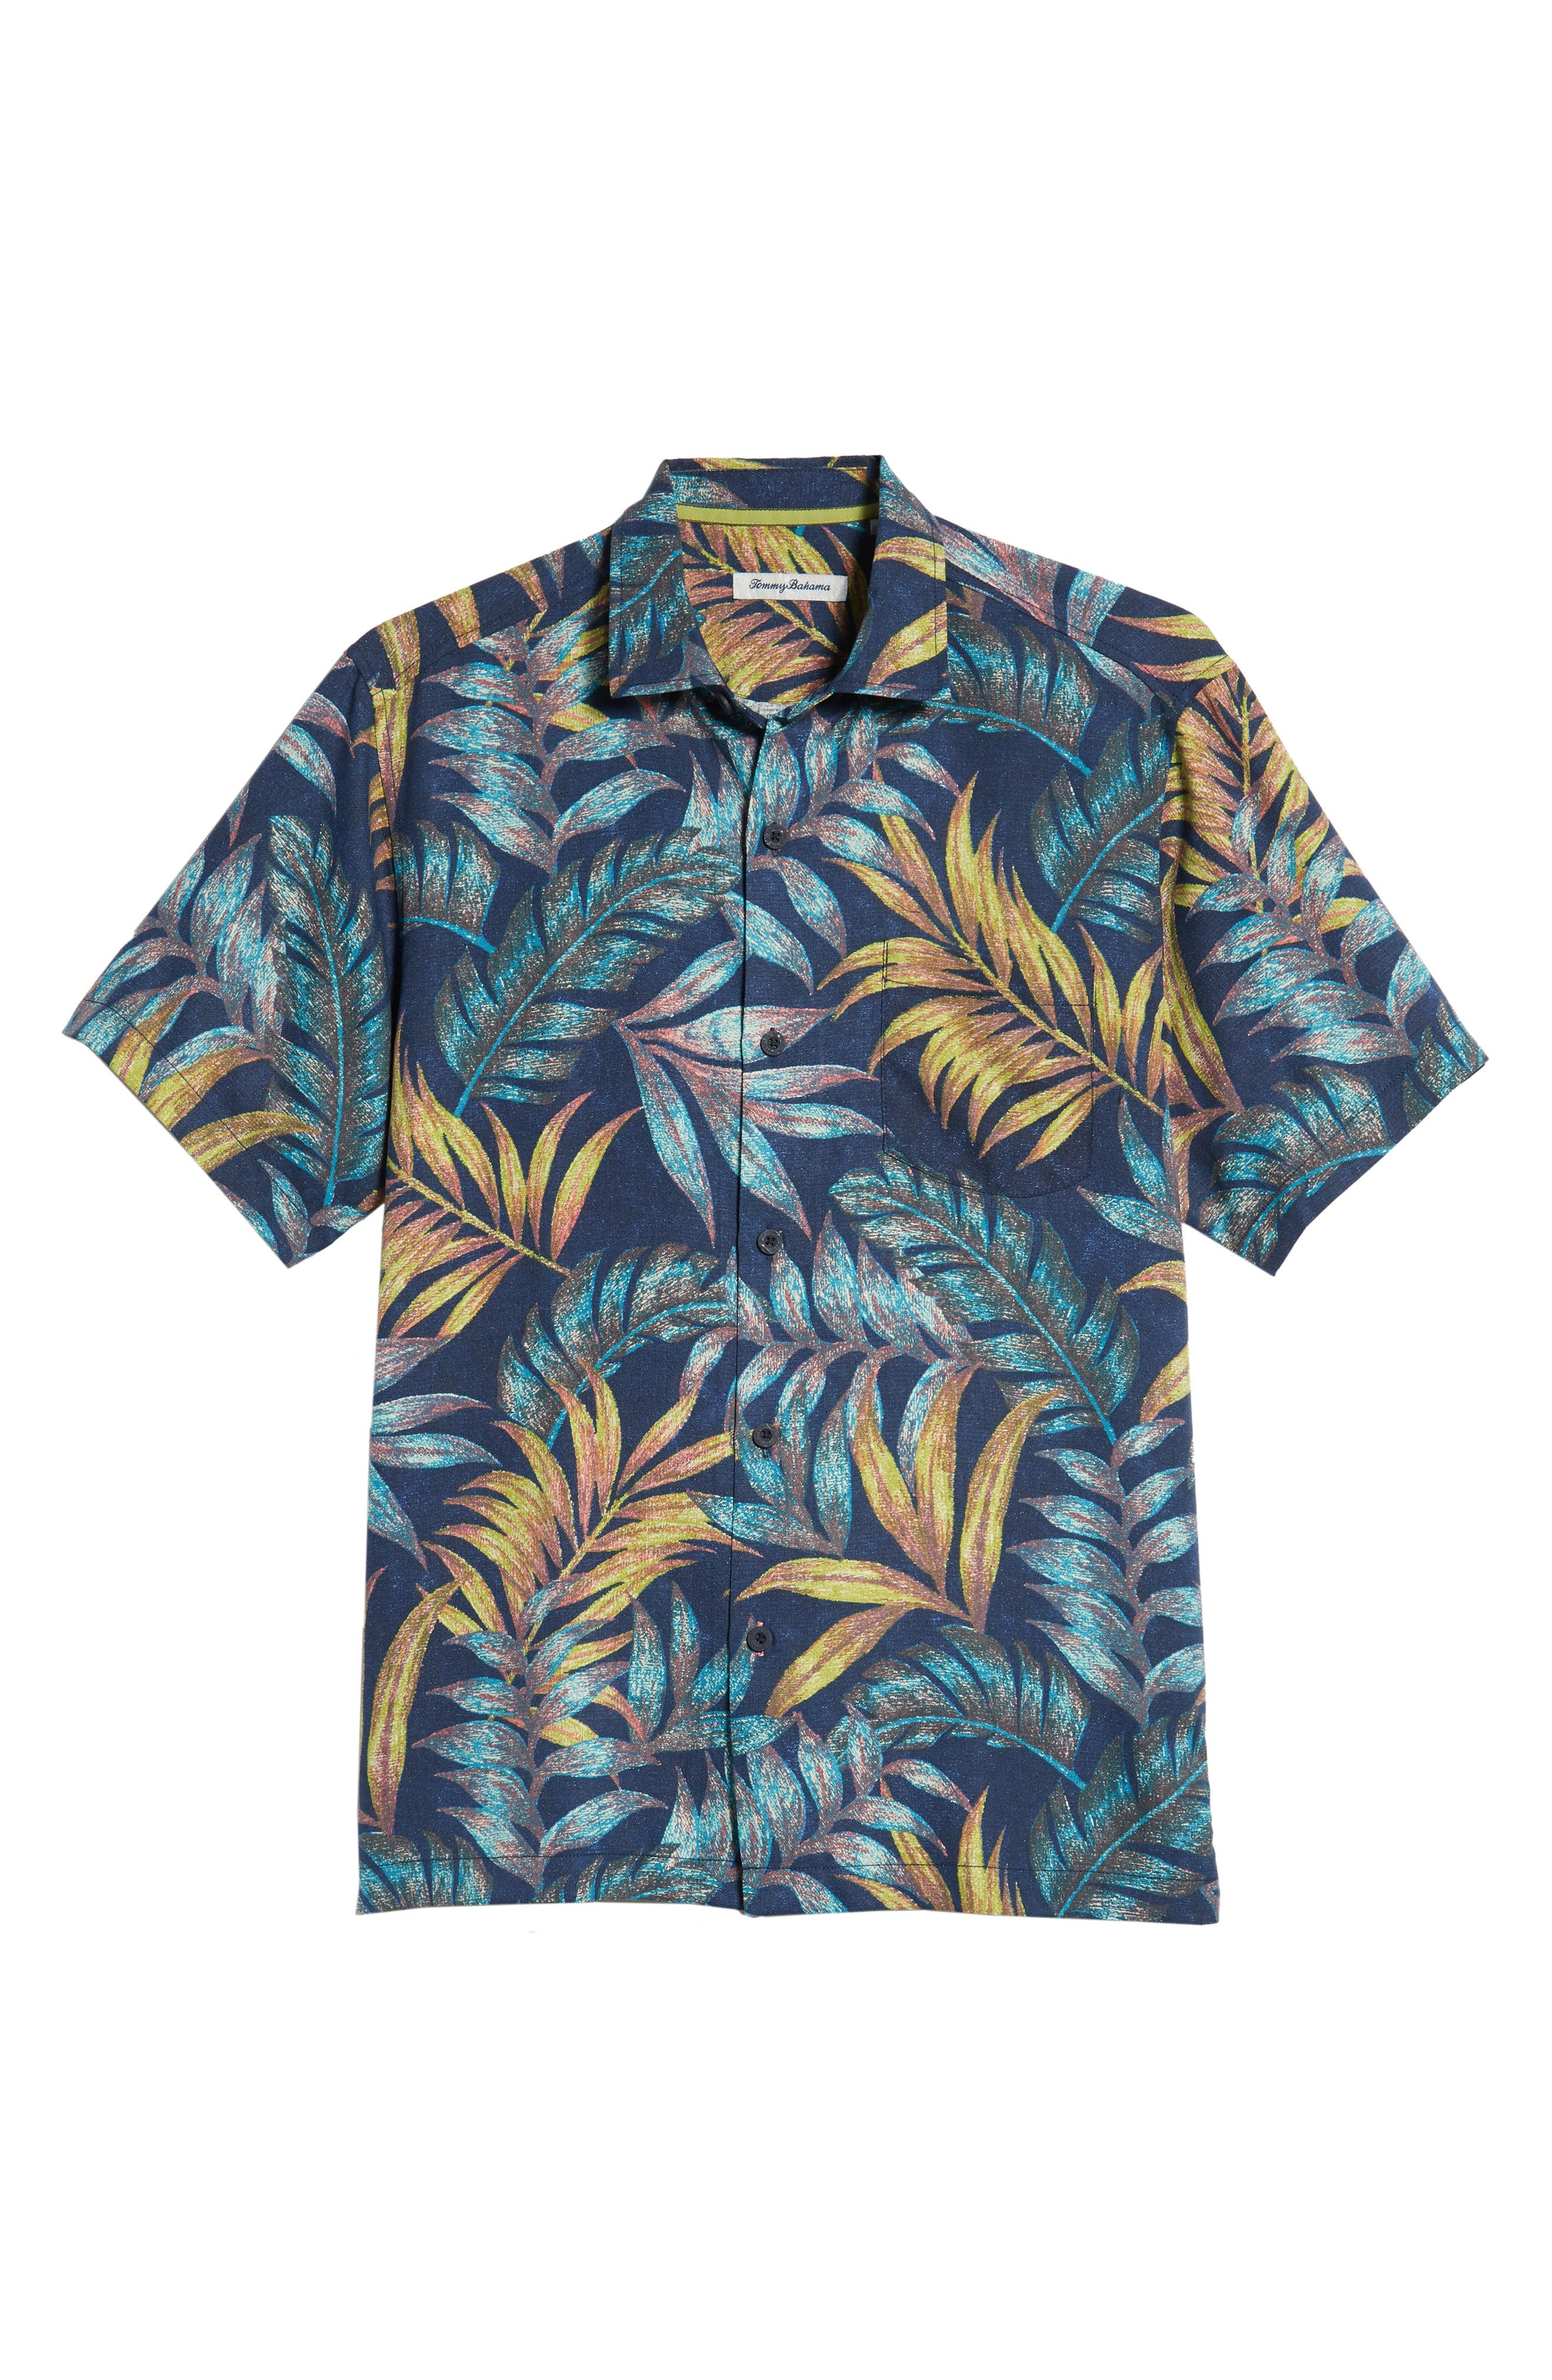 Parque Palms Sport Shirt,                             Alternate thumbnail 5, color,                             RIVIERA AZURE